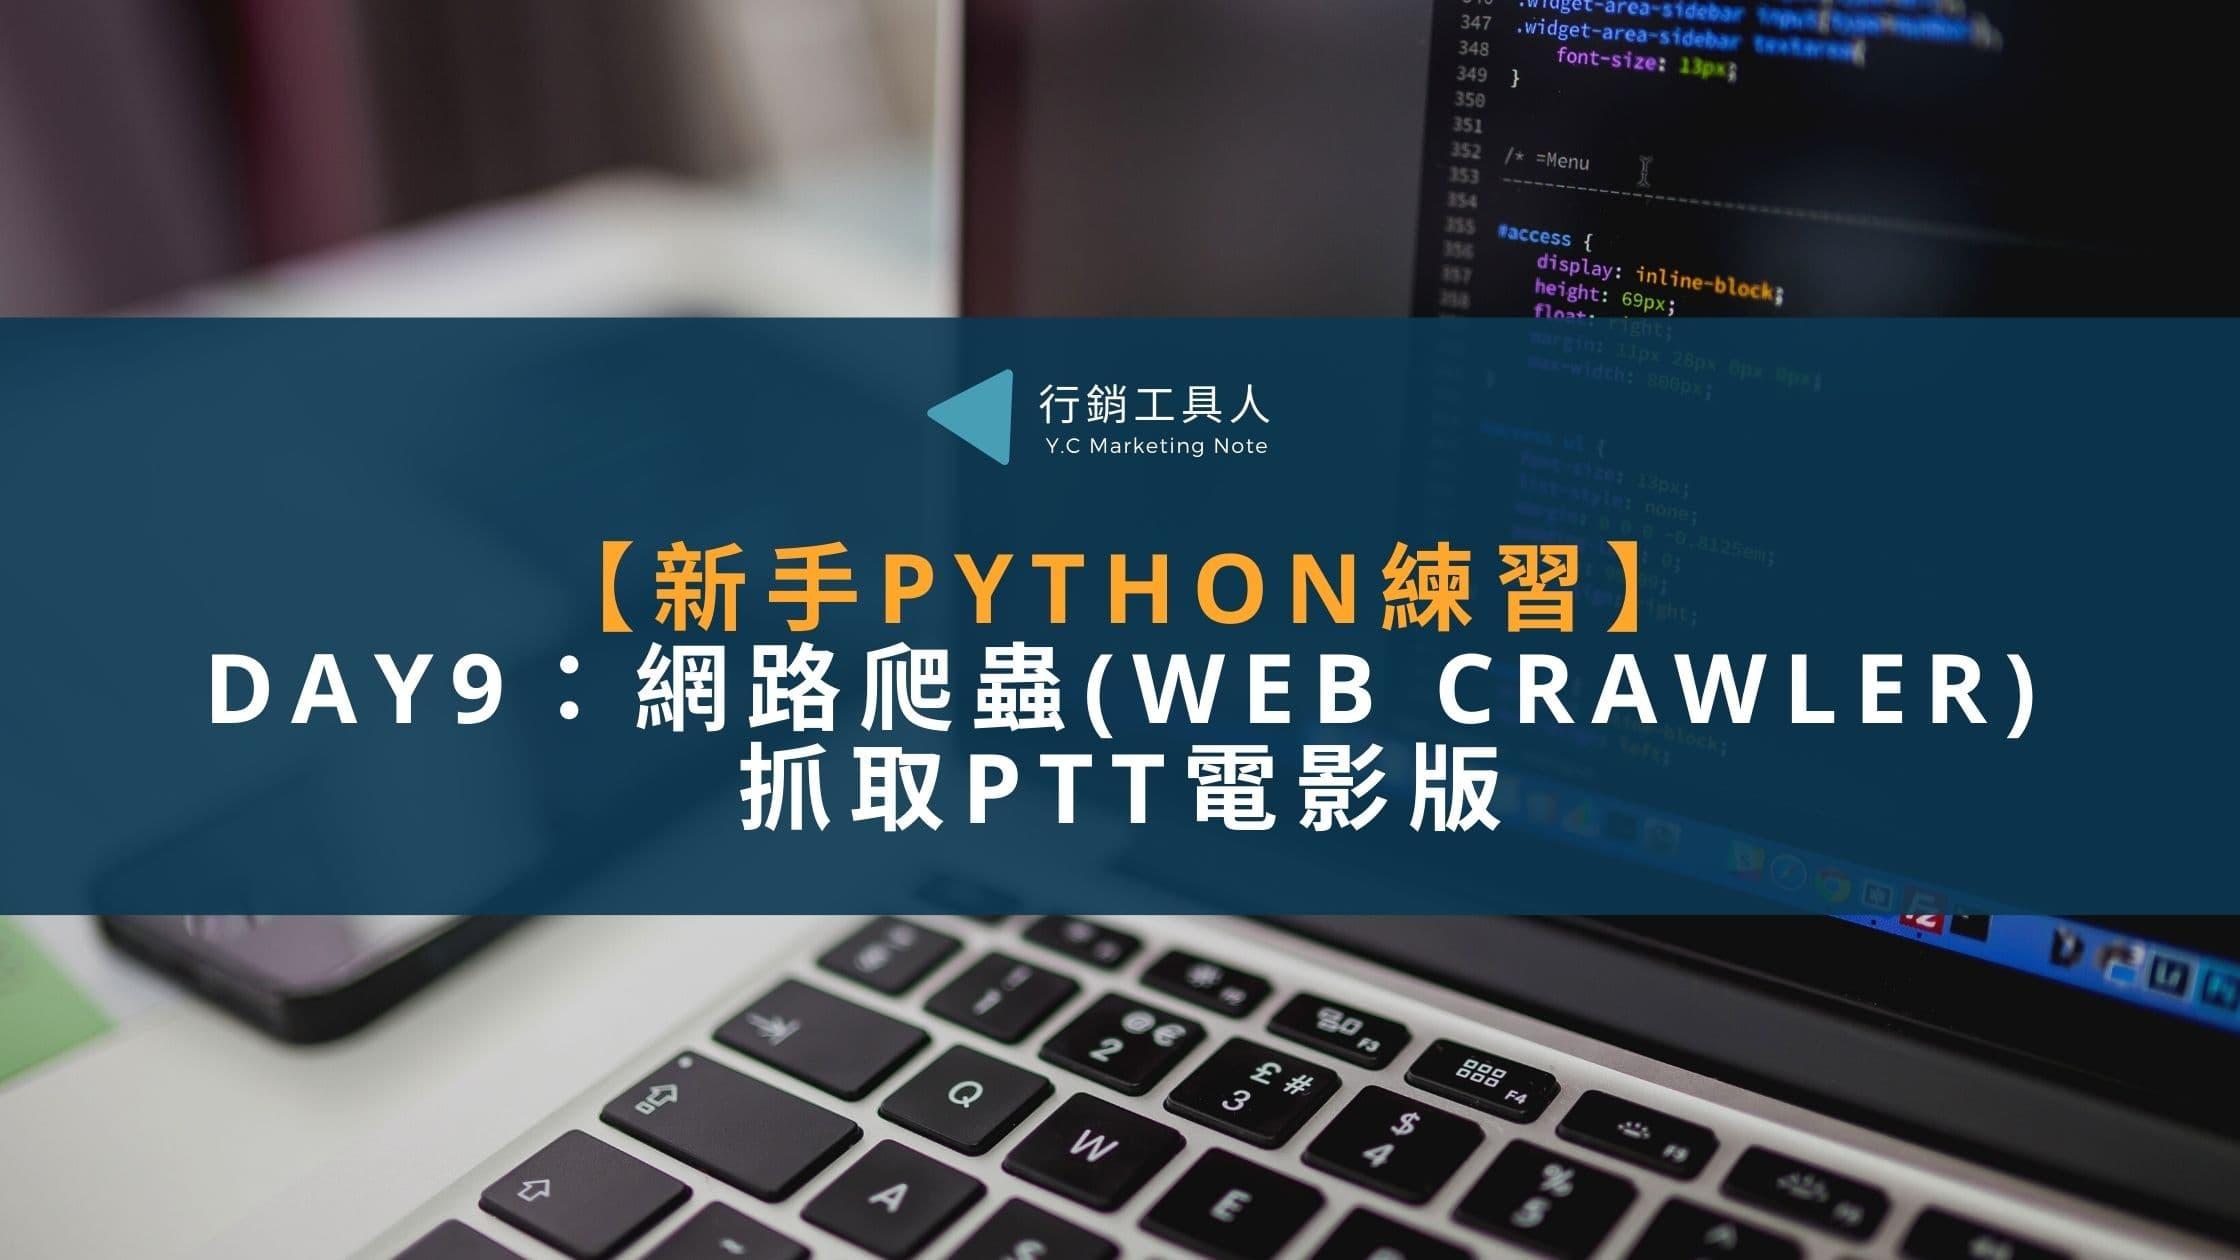 Day9(12/20):網路爬蟲(Web Crawler) 抓取PTT電影版